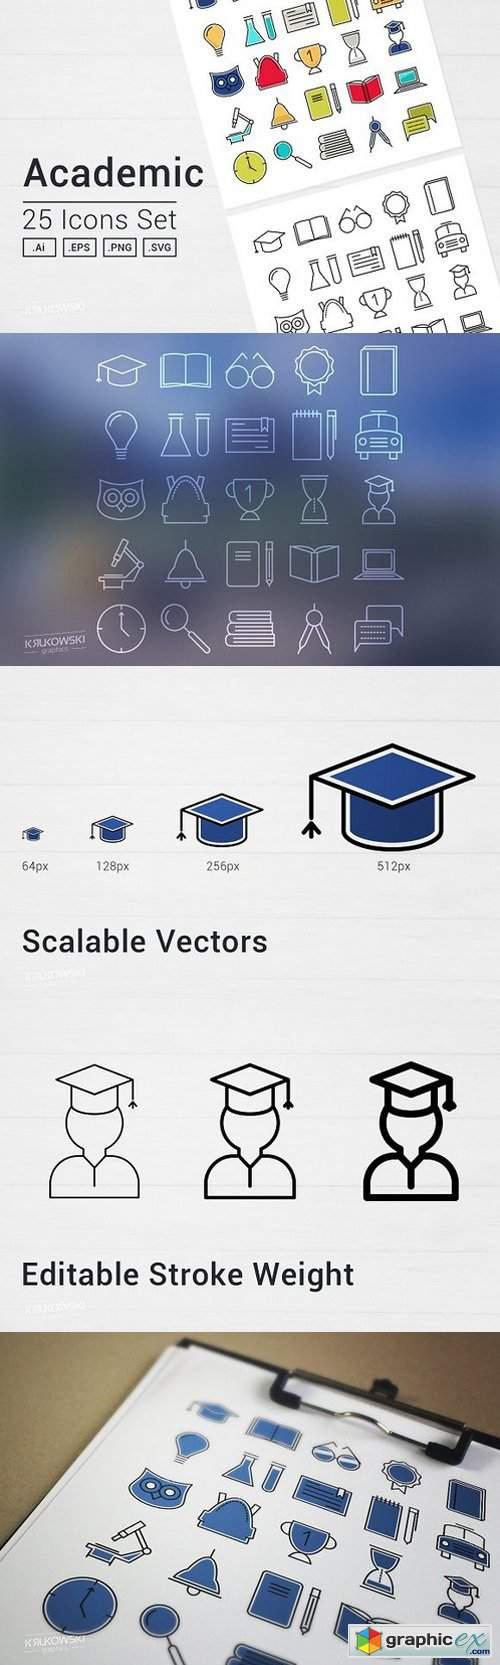 Academic School Icons Set 1241982